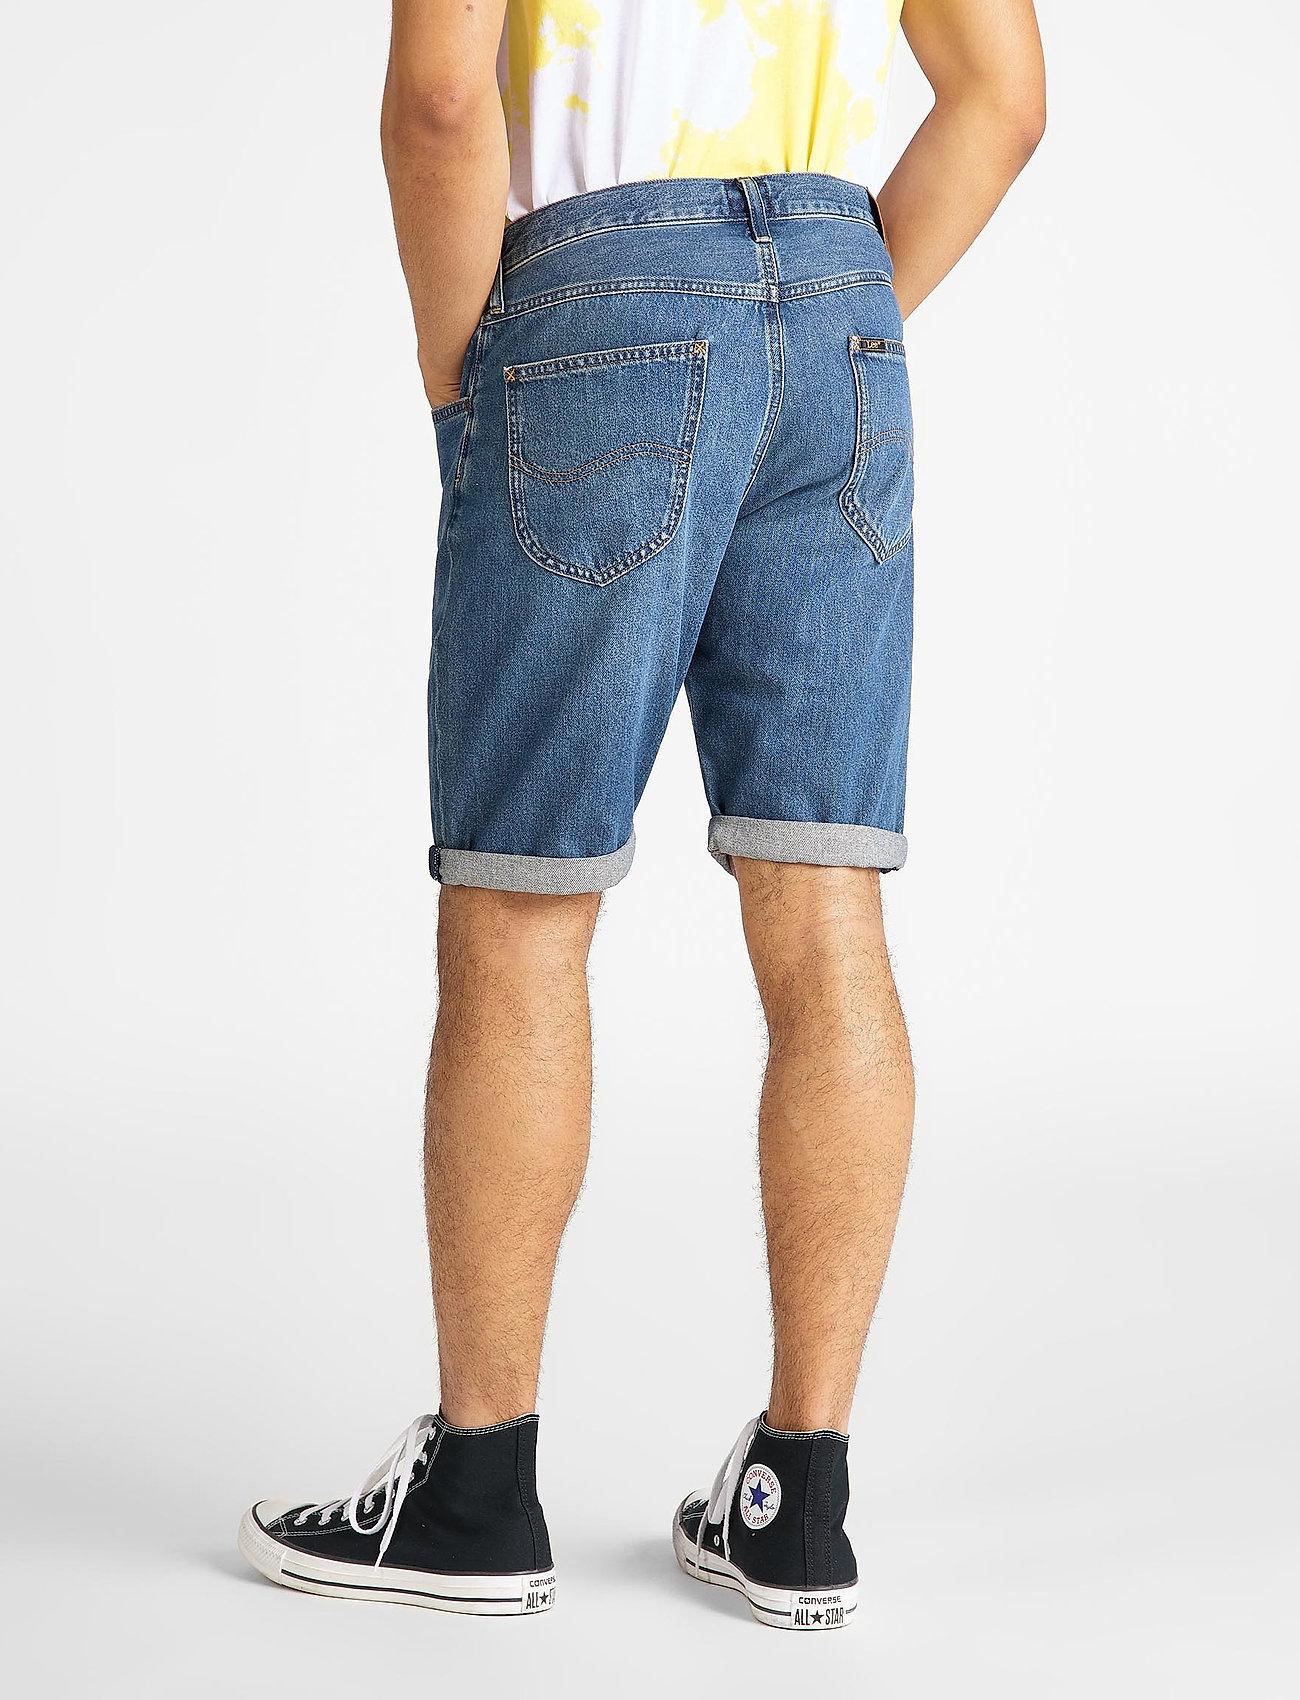 Lee Jeans 5 POCKET SHORT - Shorts SOFT MID ALISO - Menn Klær